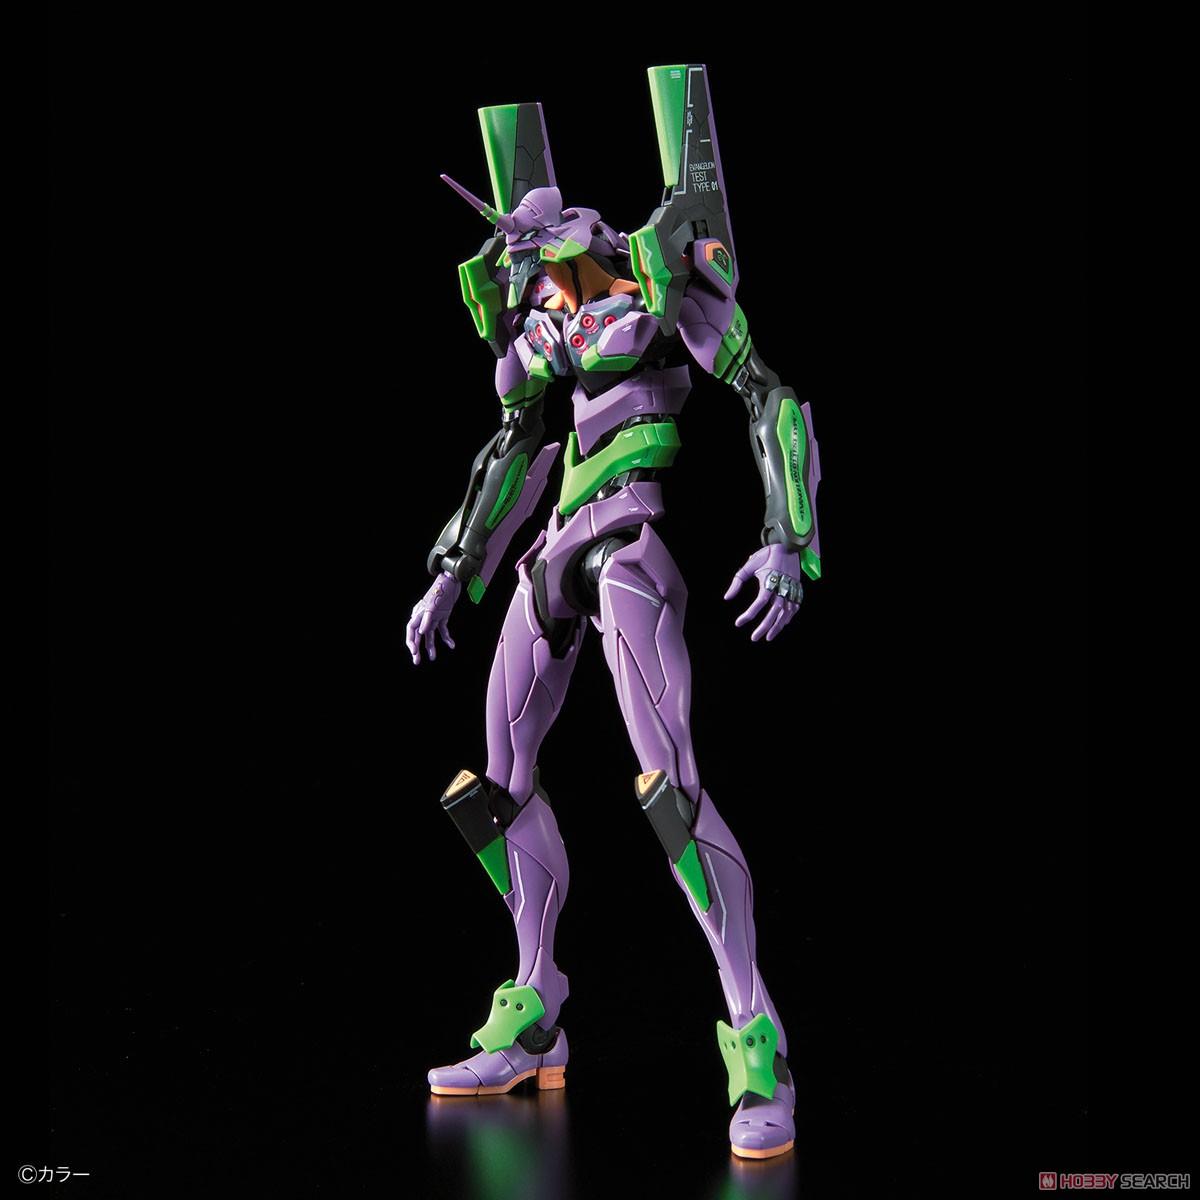 Multipurpose Humanoid Decisive Weapon, Artificial Human Evangelion Unit-01 DX Transport Platform Set (RG) (Plastic model) Item picture6